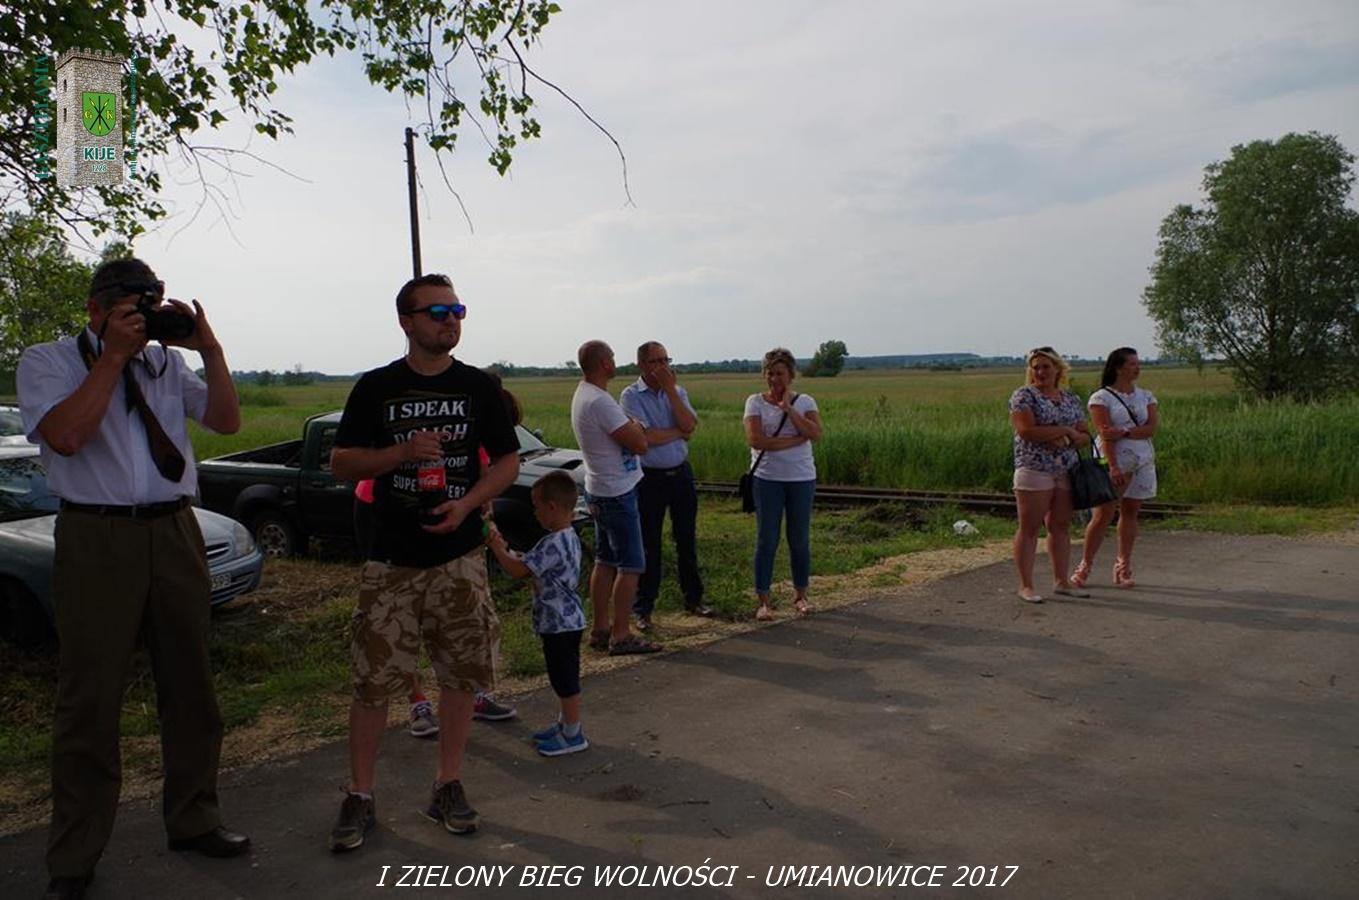 images/galleries/imprezy/2017/bieg_wolnosci/foto_kasztelania/IMGP0928 (Copy)